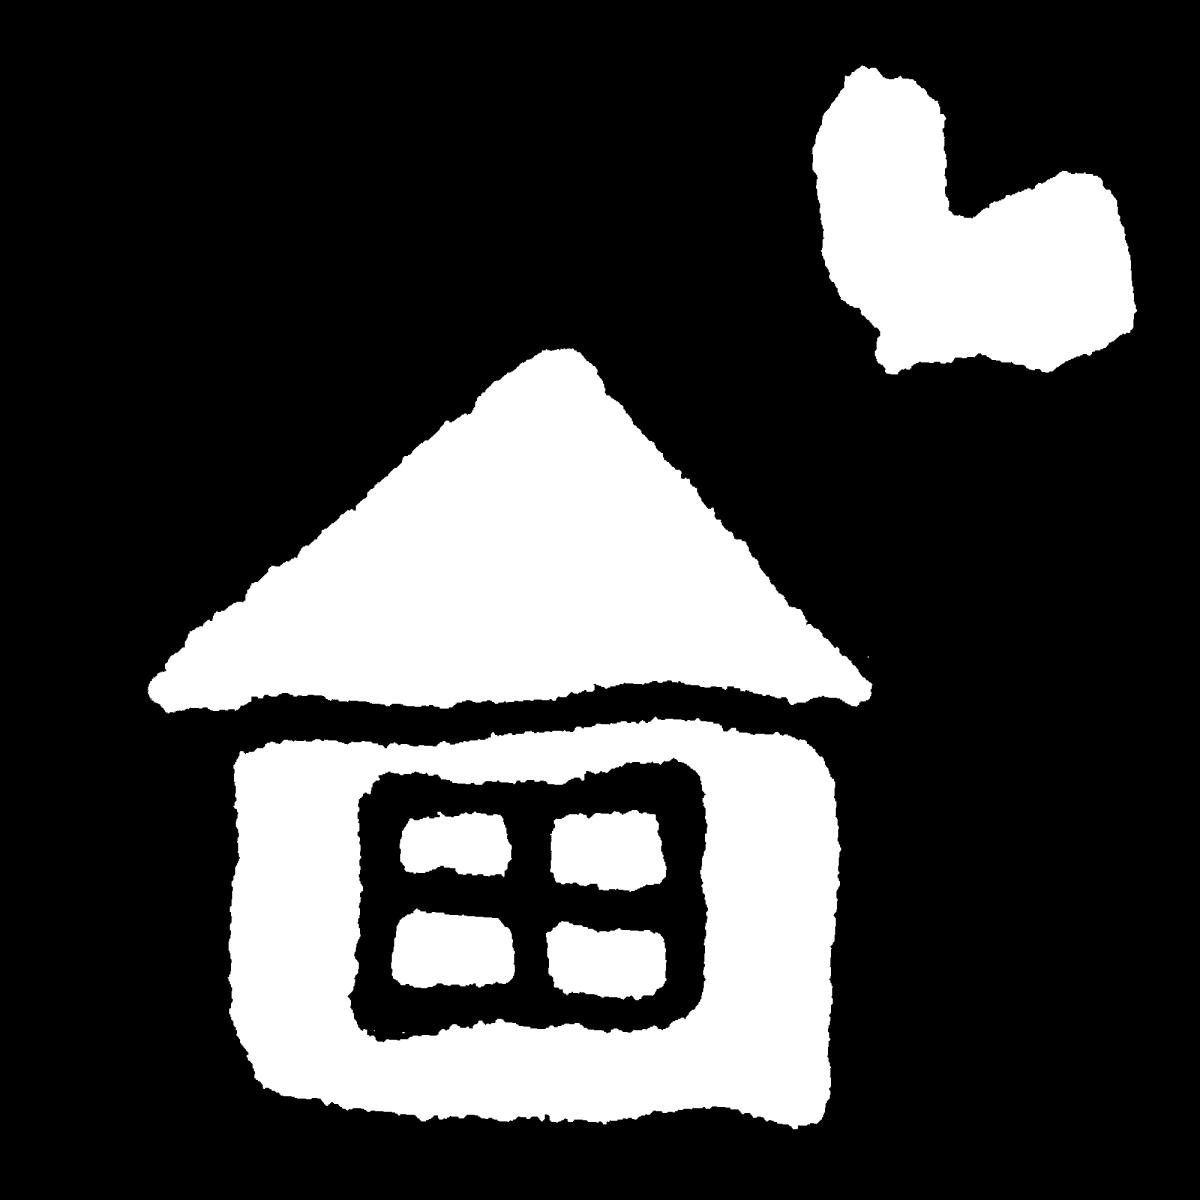 ハートが飛び出す家のイラスト / A heart-popping house Illustration